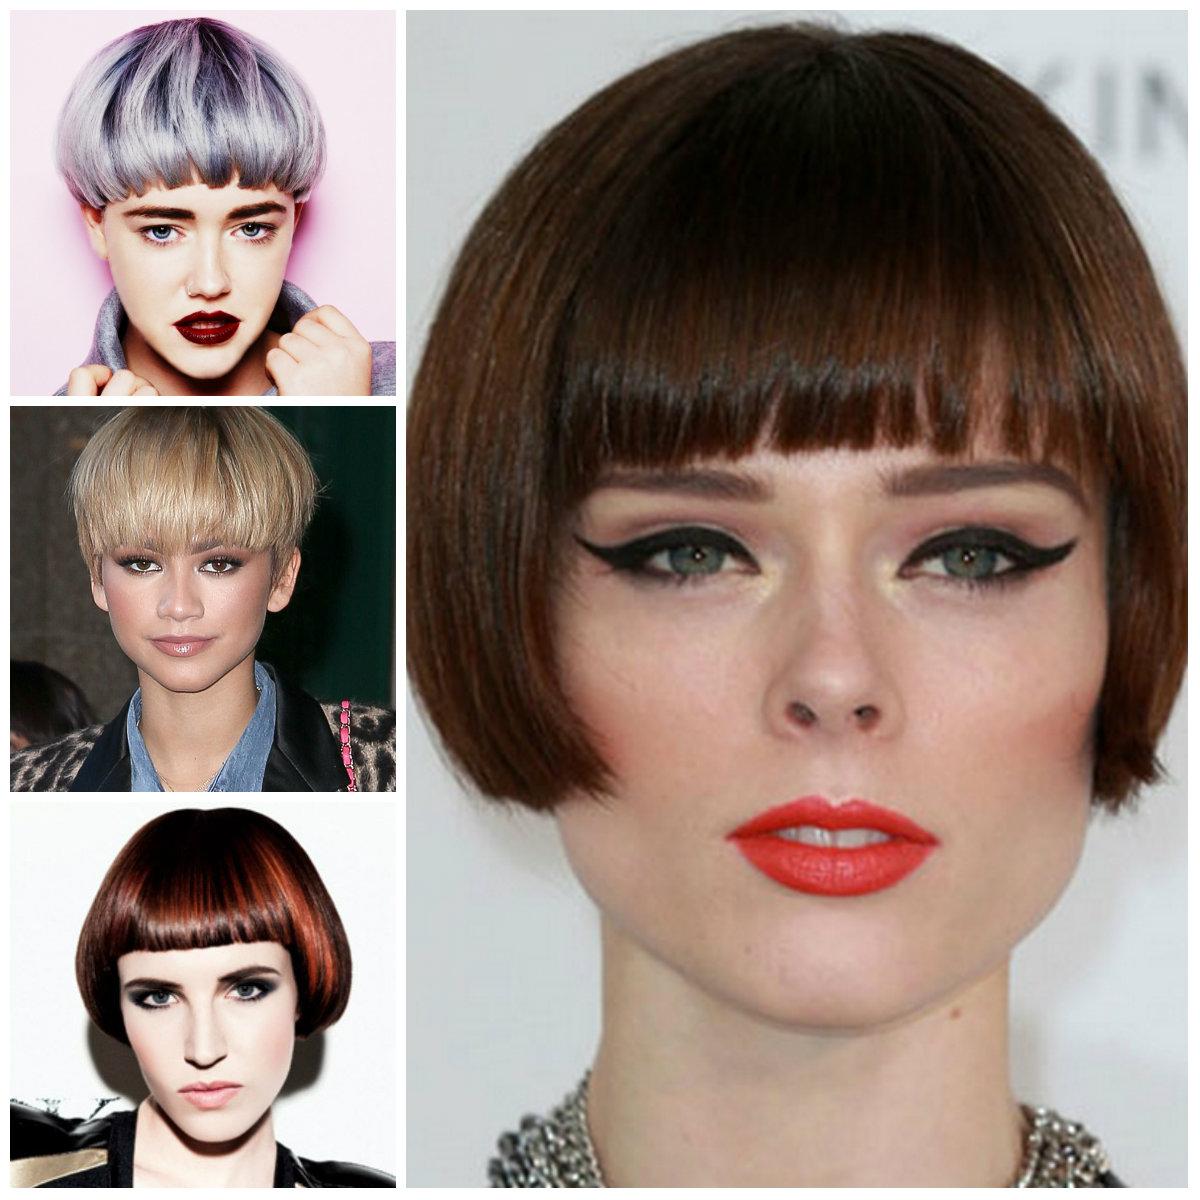 image44-7 | Модные женские стрижки на короткие волосы: основные правила и варианты исполнения